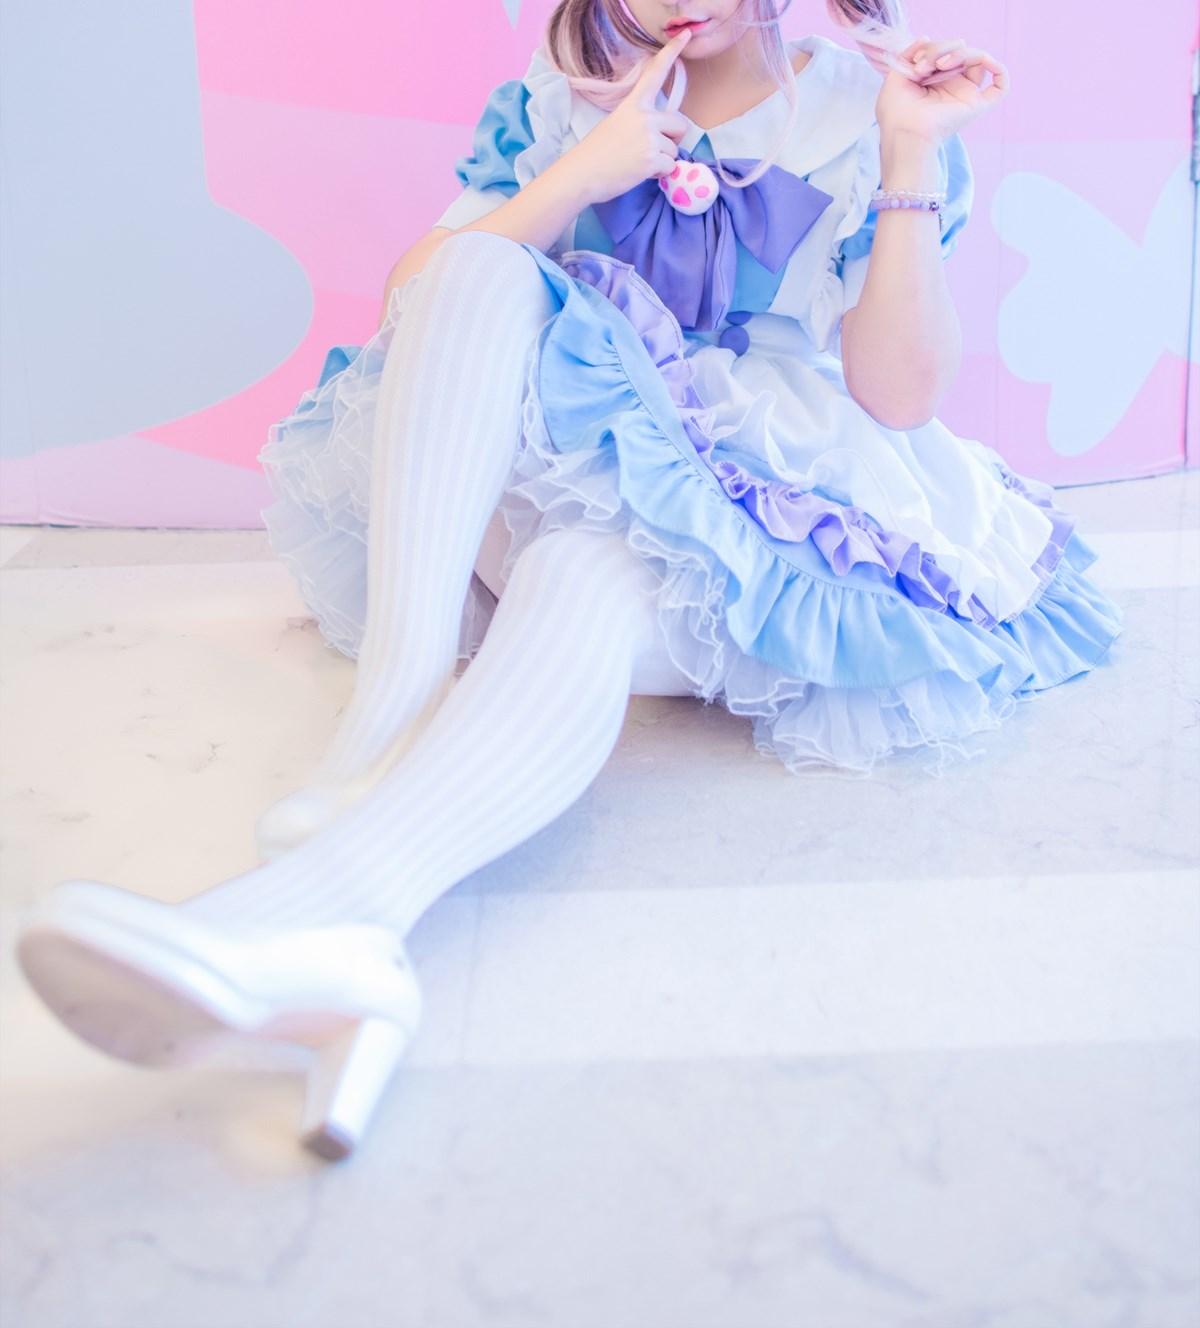 【兔玩映画】小软裙 兔玩映画 第30张